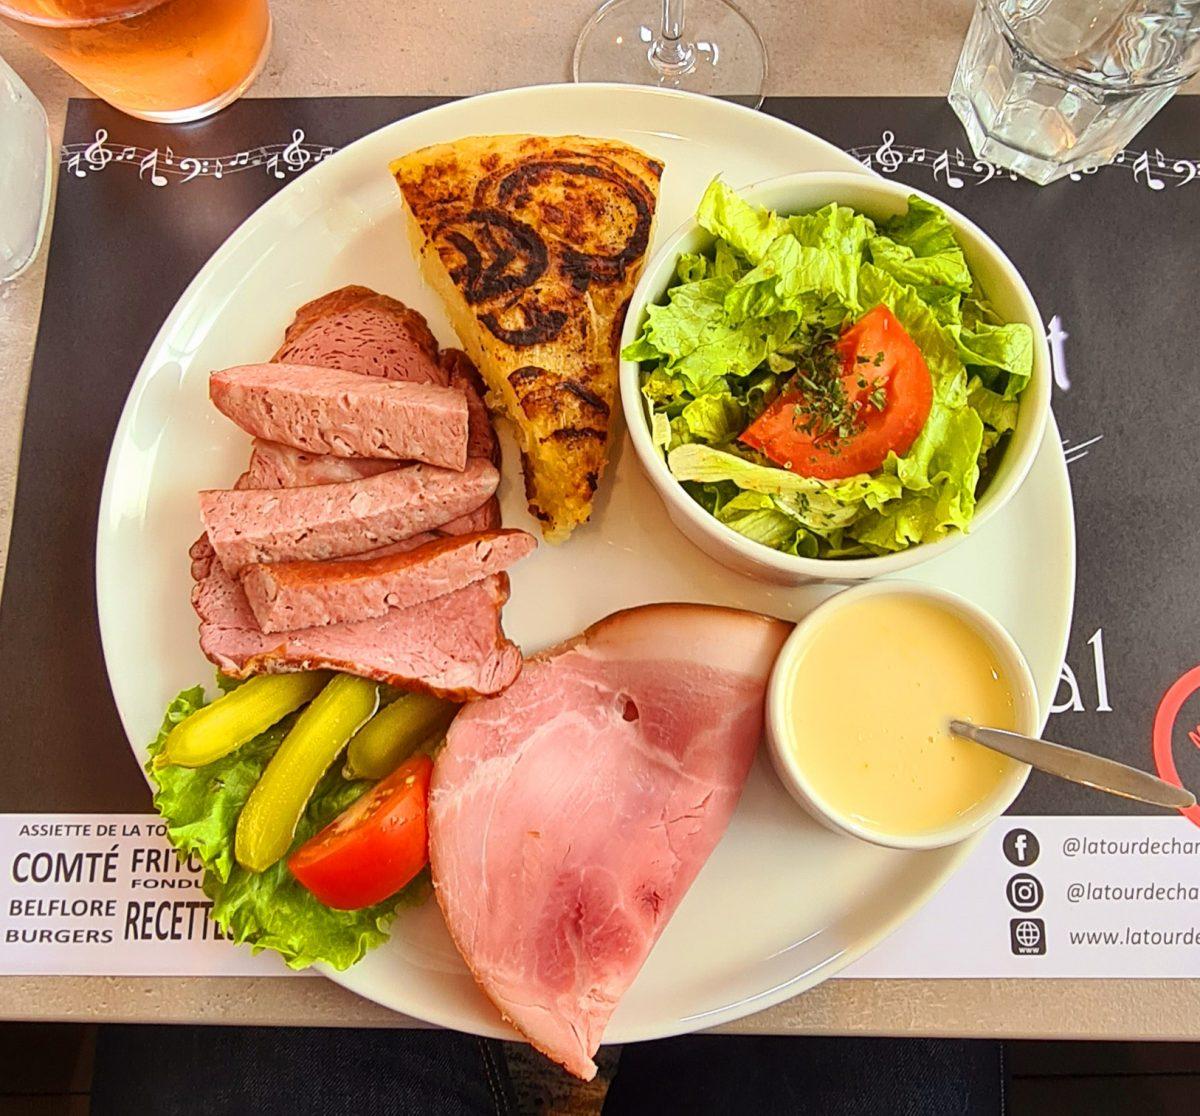 assiette franc-comtoise